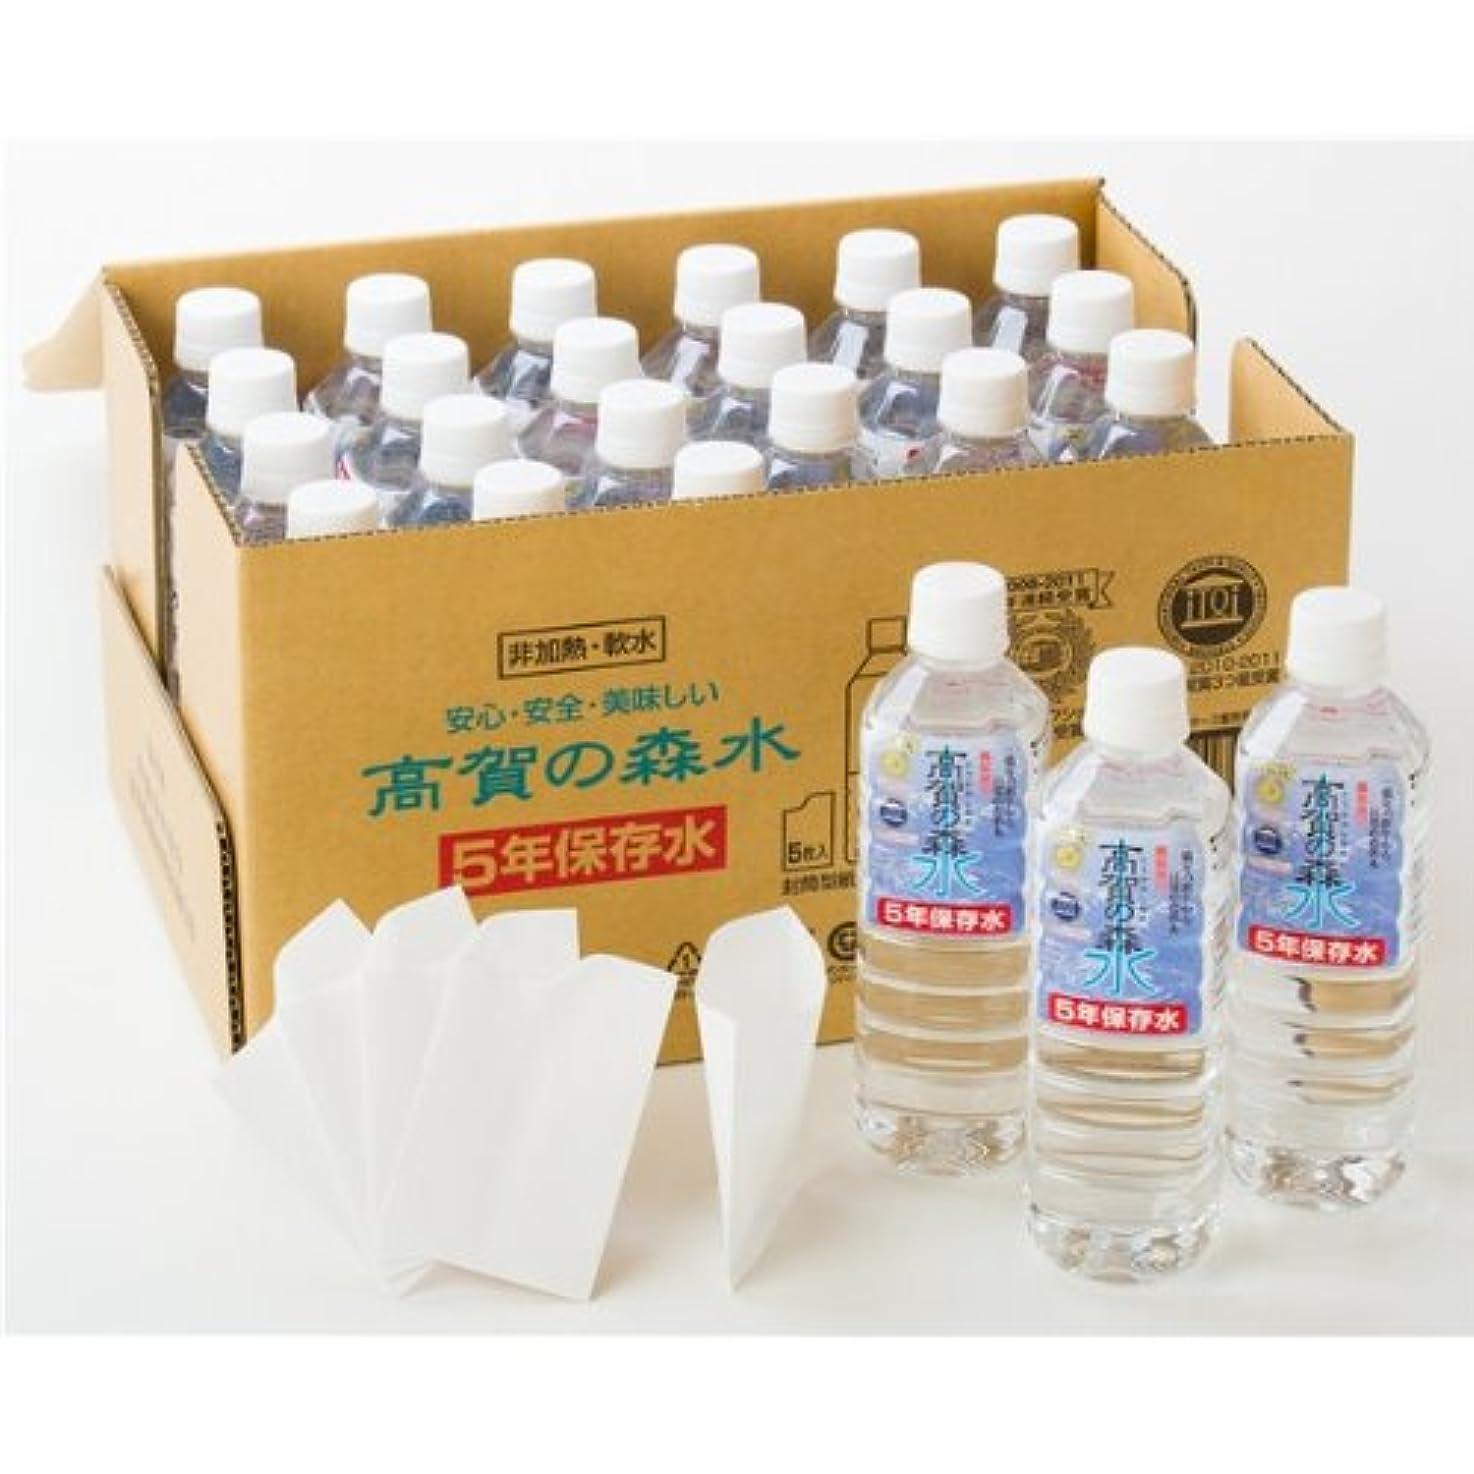 ペナルティフルート阻害する高賀の森 5年保存水☆500ml(24本入)産直